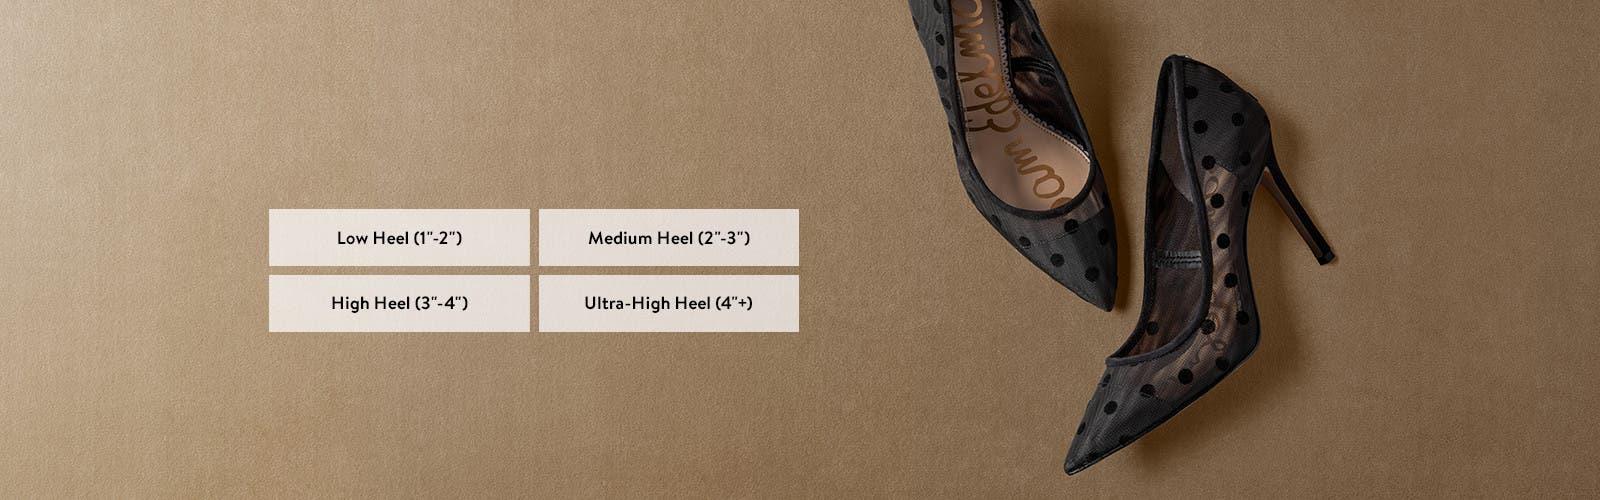 Blue Heels, Pumps & High-Heel Shoes for Women   Nordstrom